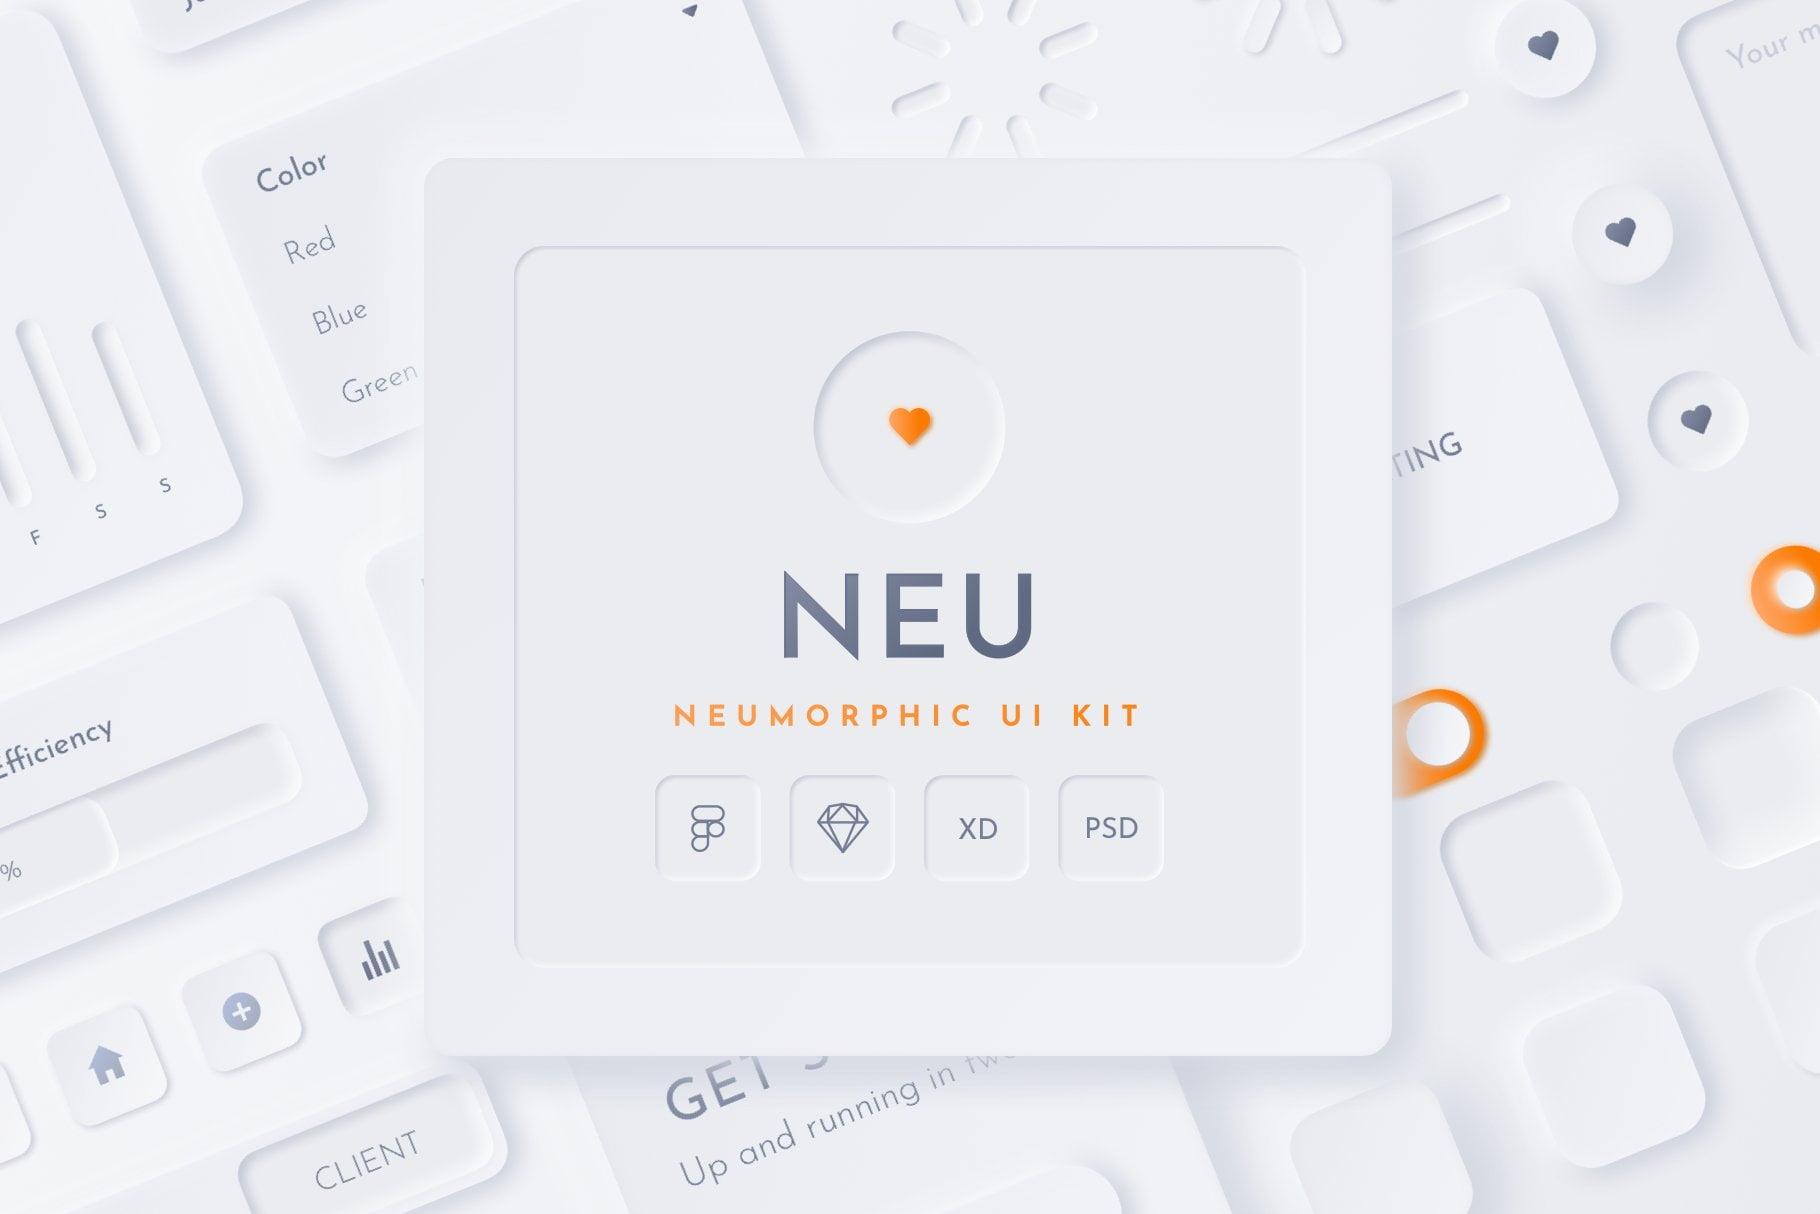 Neomorphic-UI-Design - 38+ BEST Free CSS Neomorphic UI Design IDEA [year]